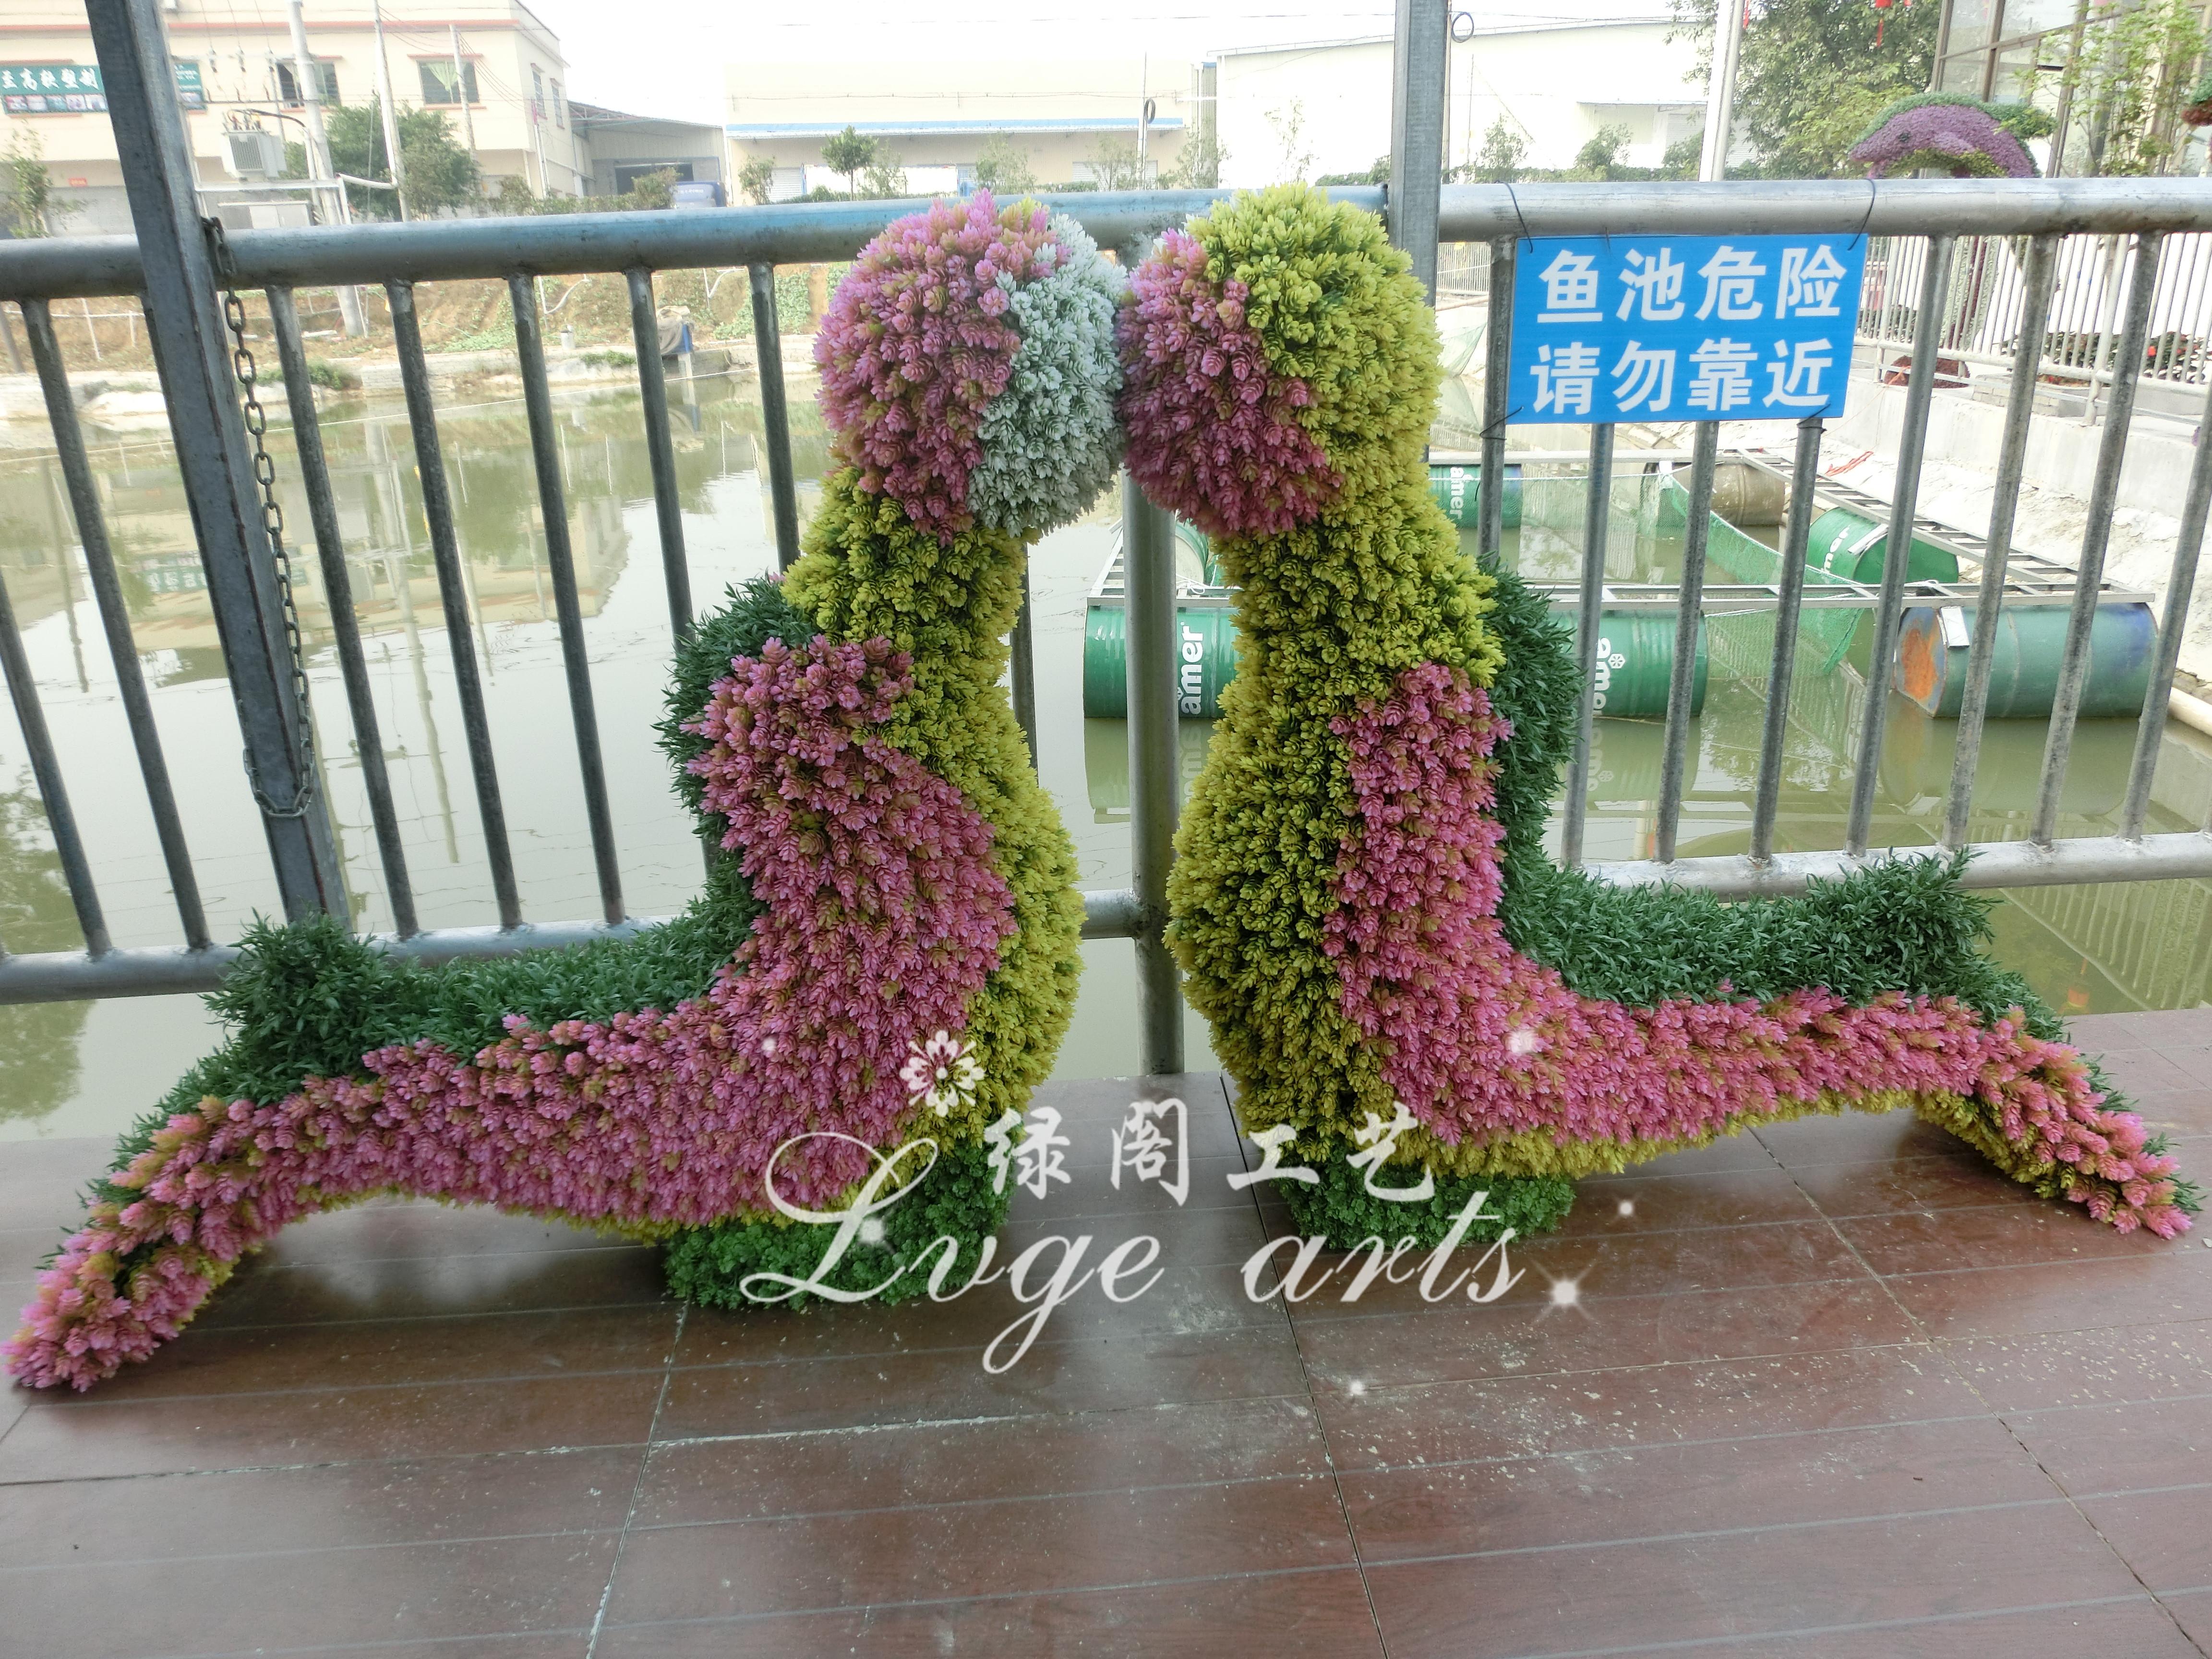 东莞仿真绿雕 仿真卡通绿雕 艺术音乐人物园林绿雕 稻草人工艺品仿